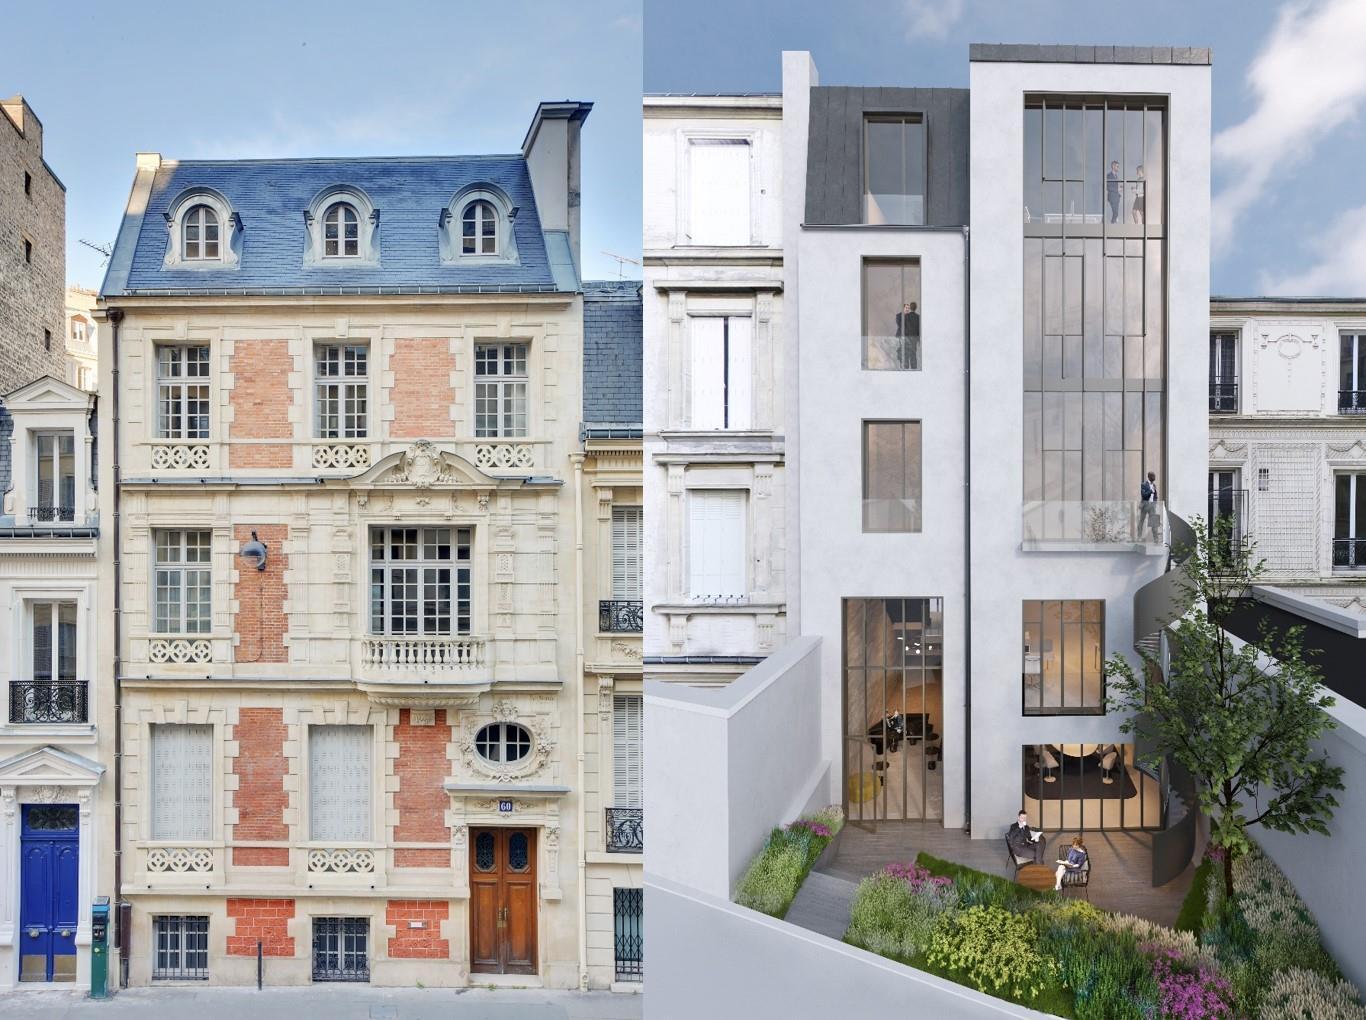 Paris Materiaux Villeneuve La Garenne location bureau paris 17 75017 458m² – bureauxlocaux